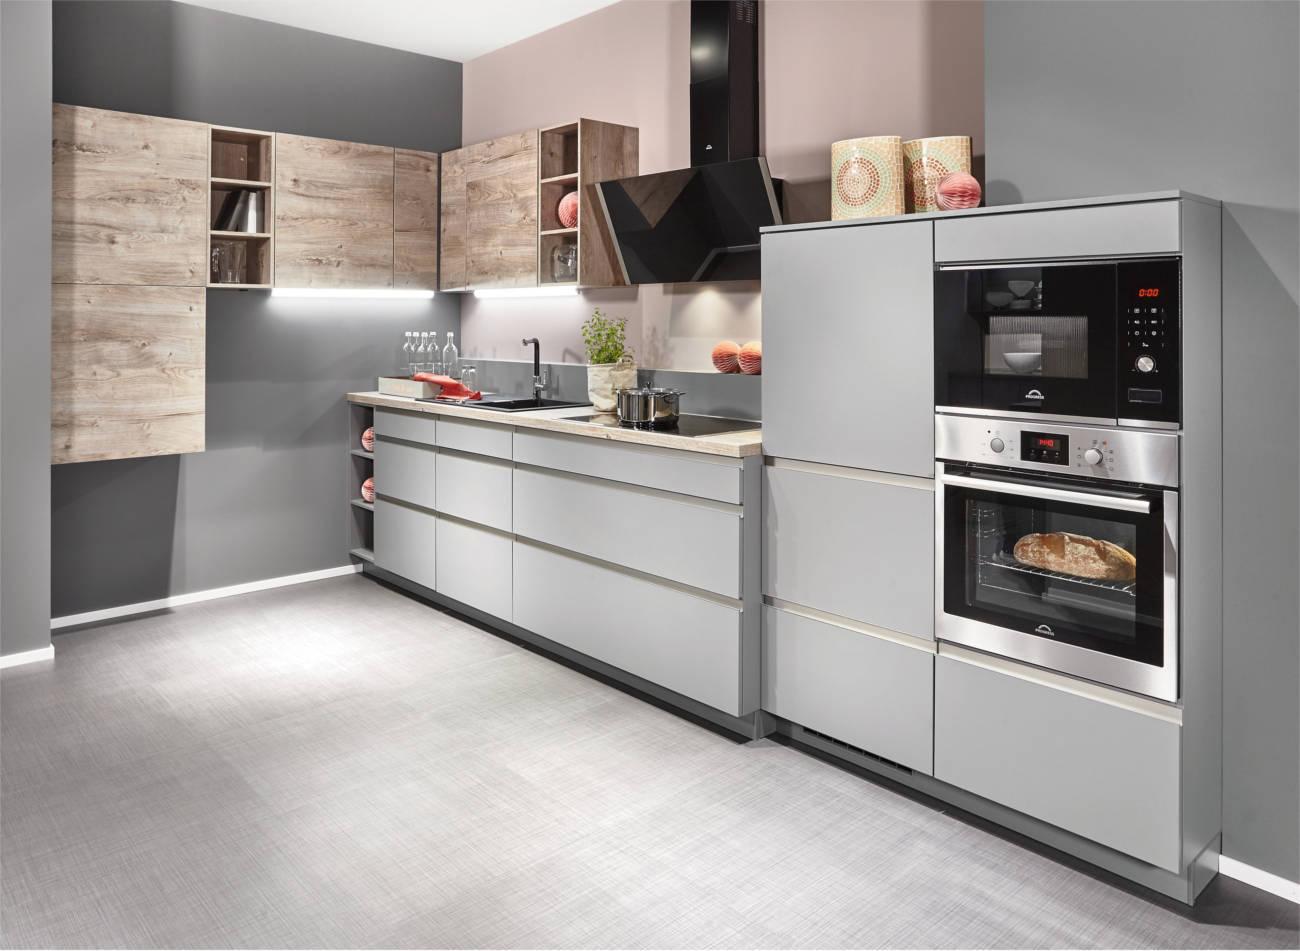 Cucine moderne lineari personalizzate e funzionali  Clara